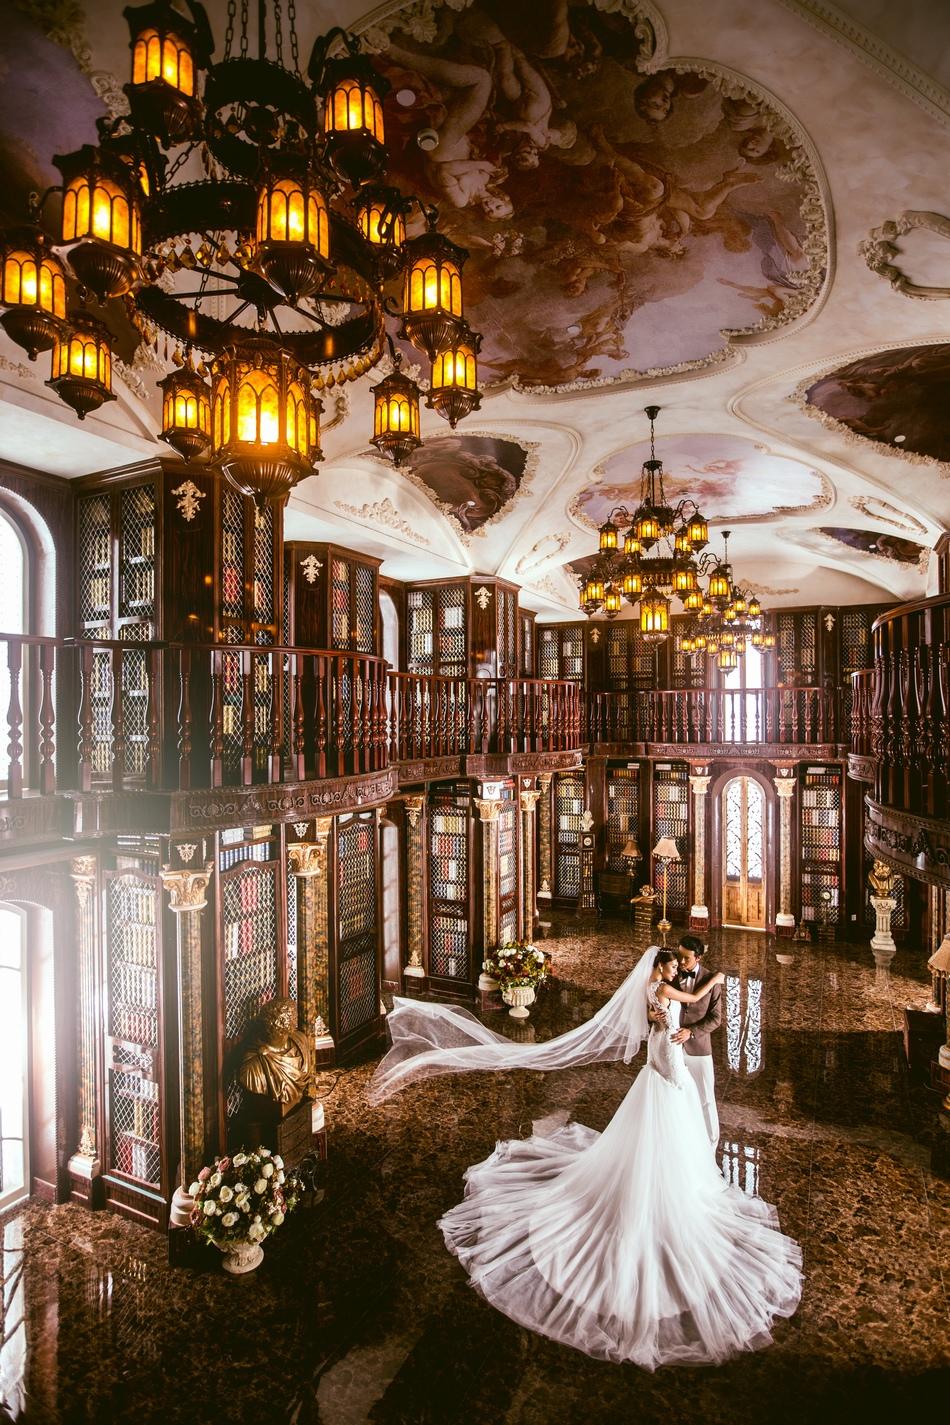 东莞好莱坞婚纱摄影,韩式宫廷系列婚纱照